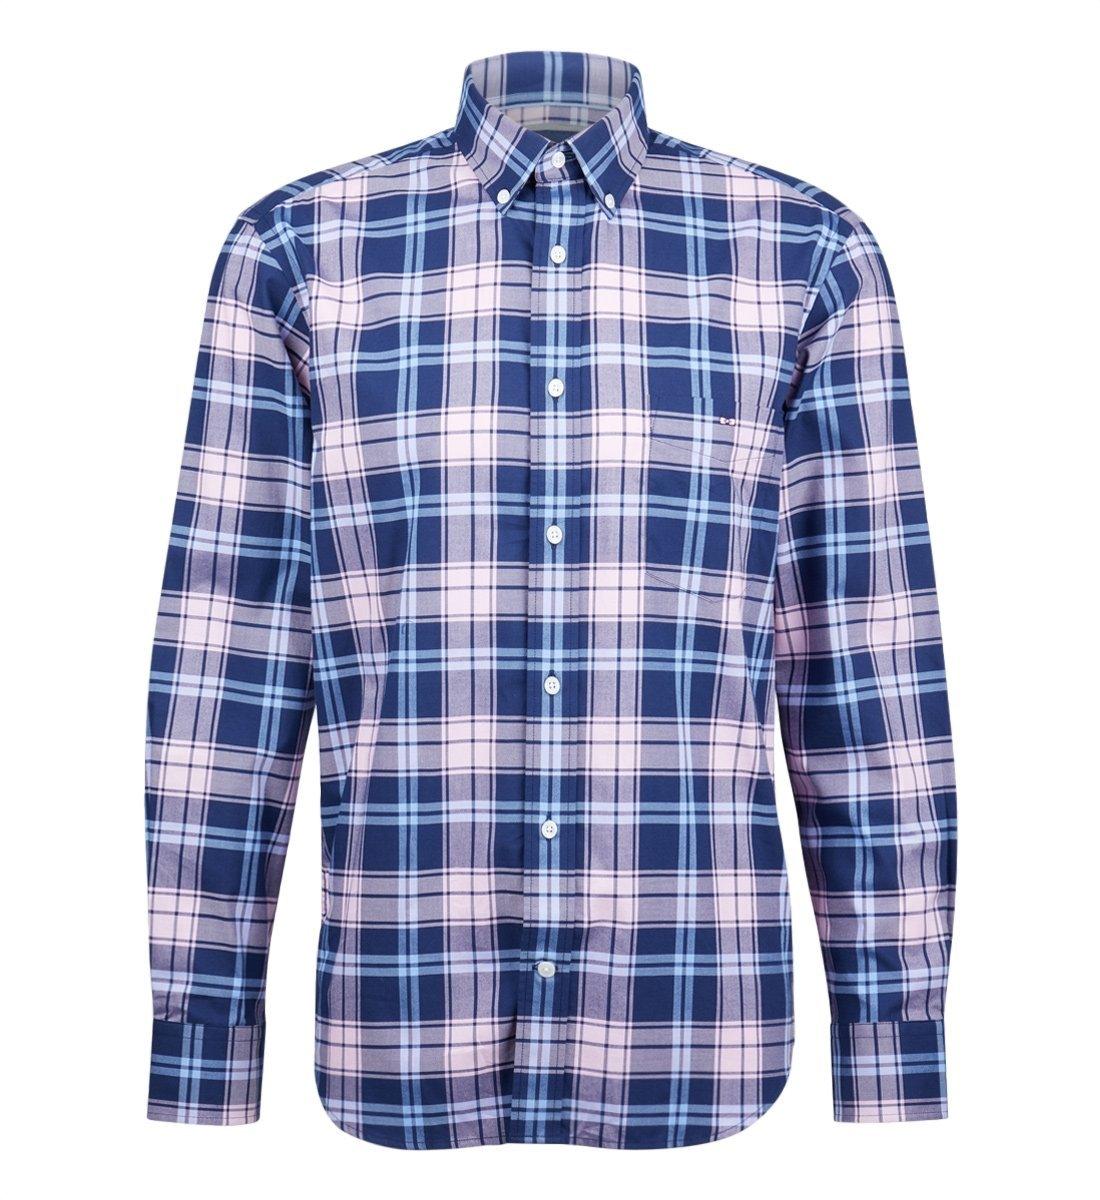 EDEN PARK Chemise à carreaux - 68CHECLE0042 , Chemises pour Homme d08e23cea84